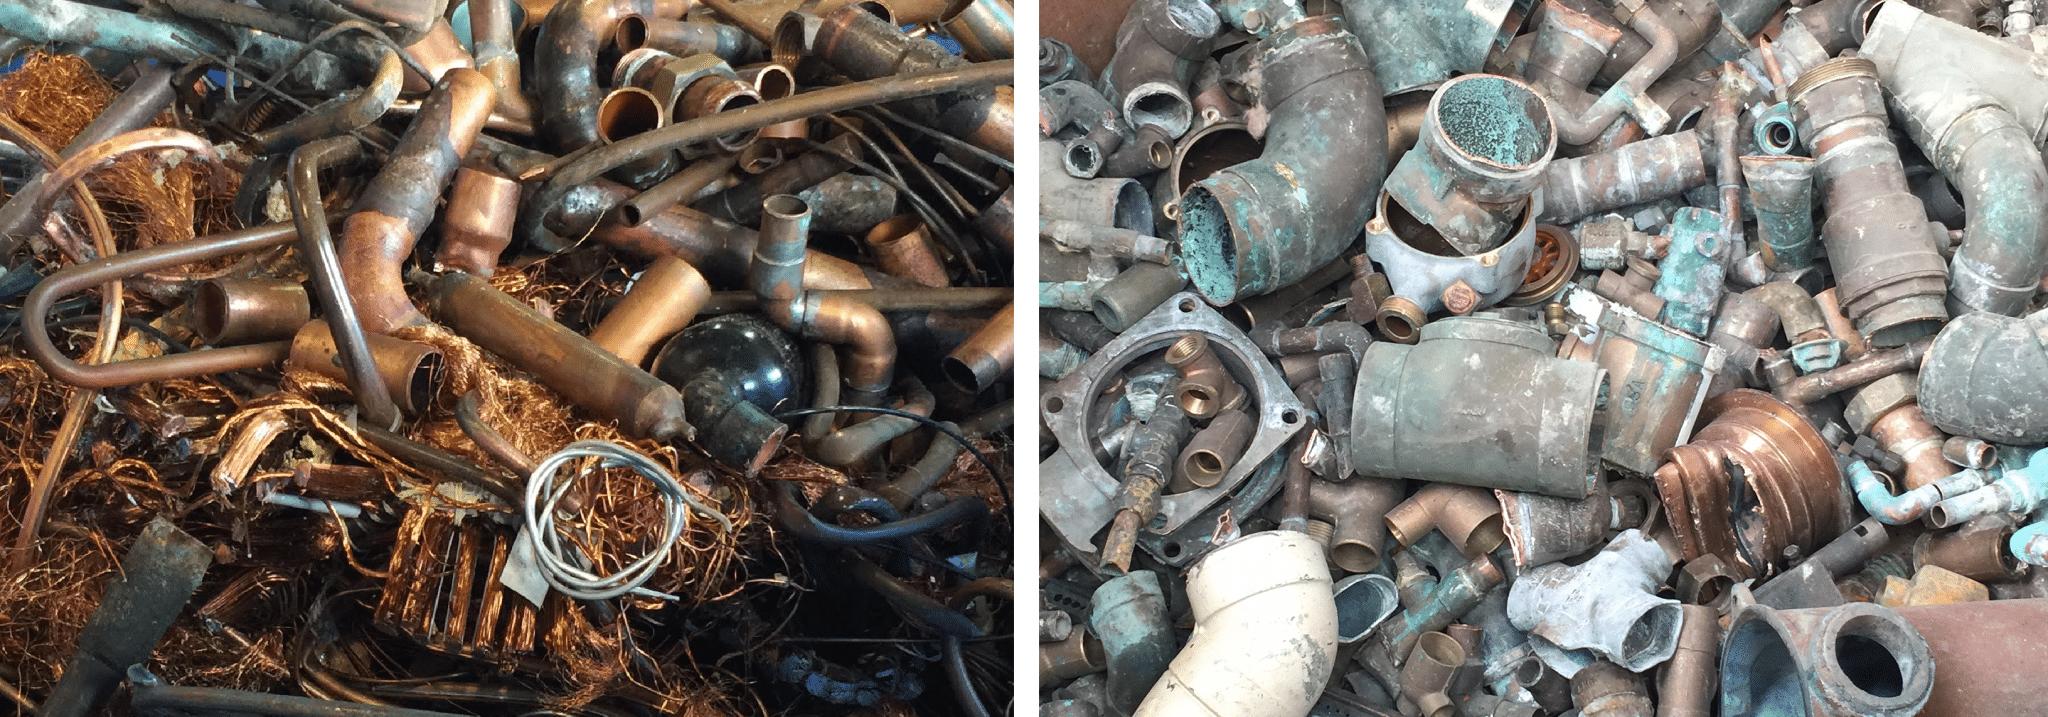 Difference Between Copper & Brass Scrap - iScrap App